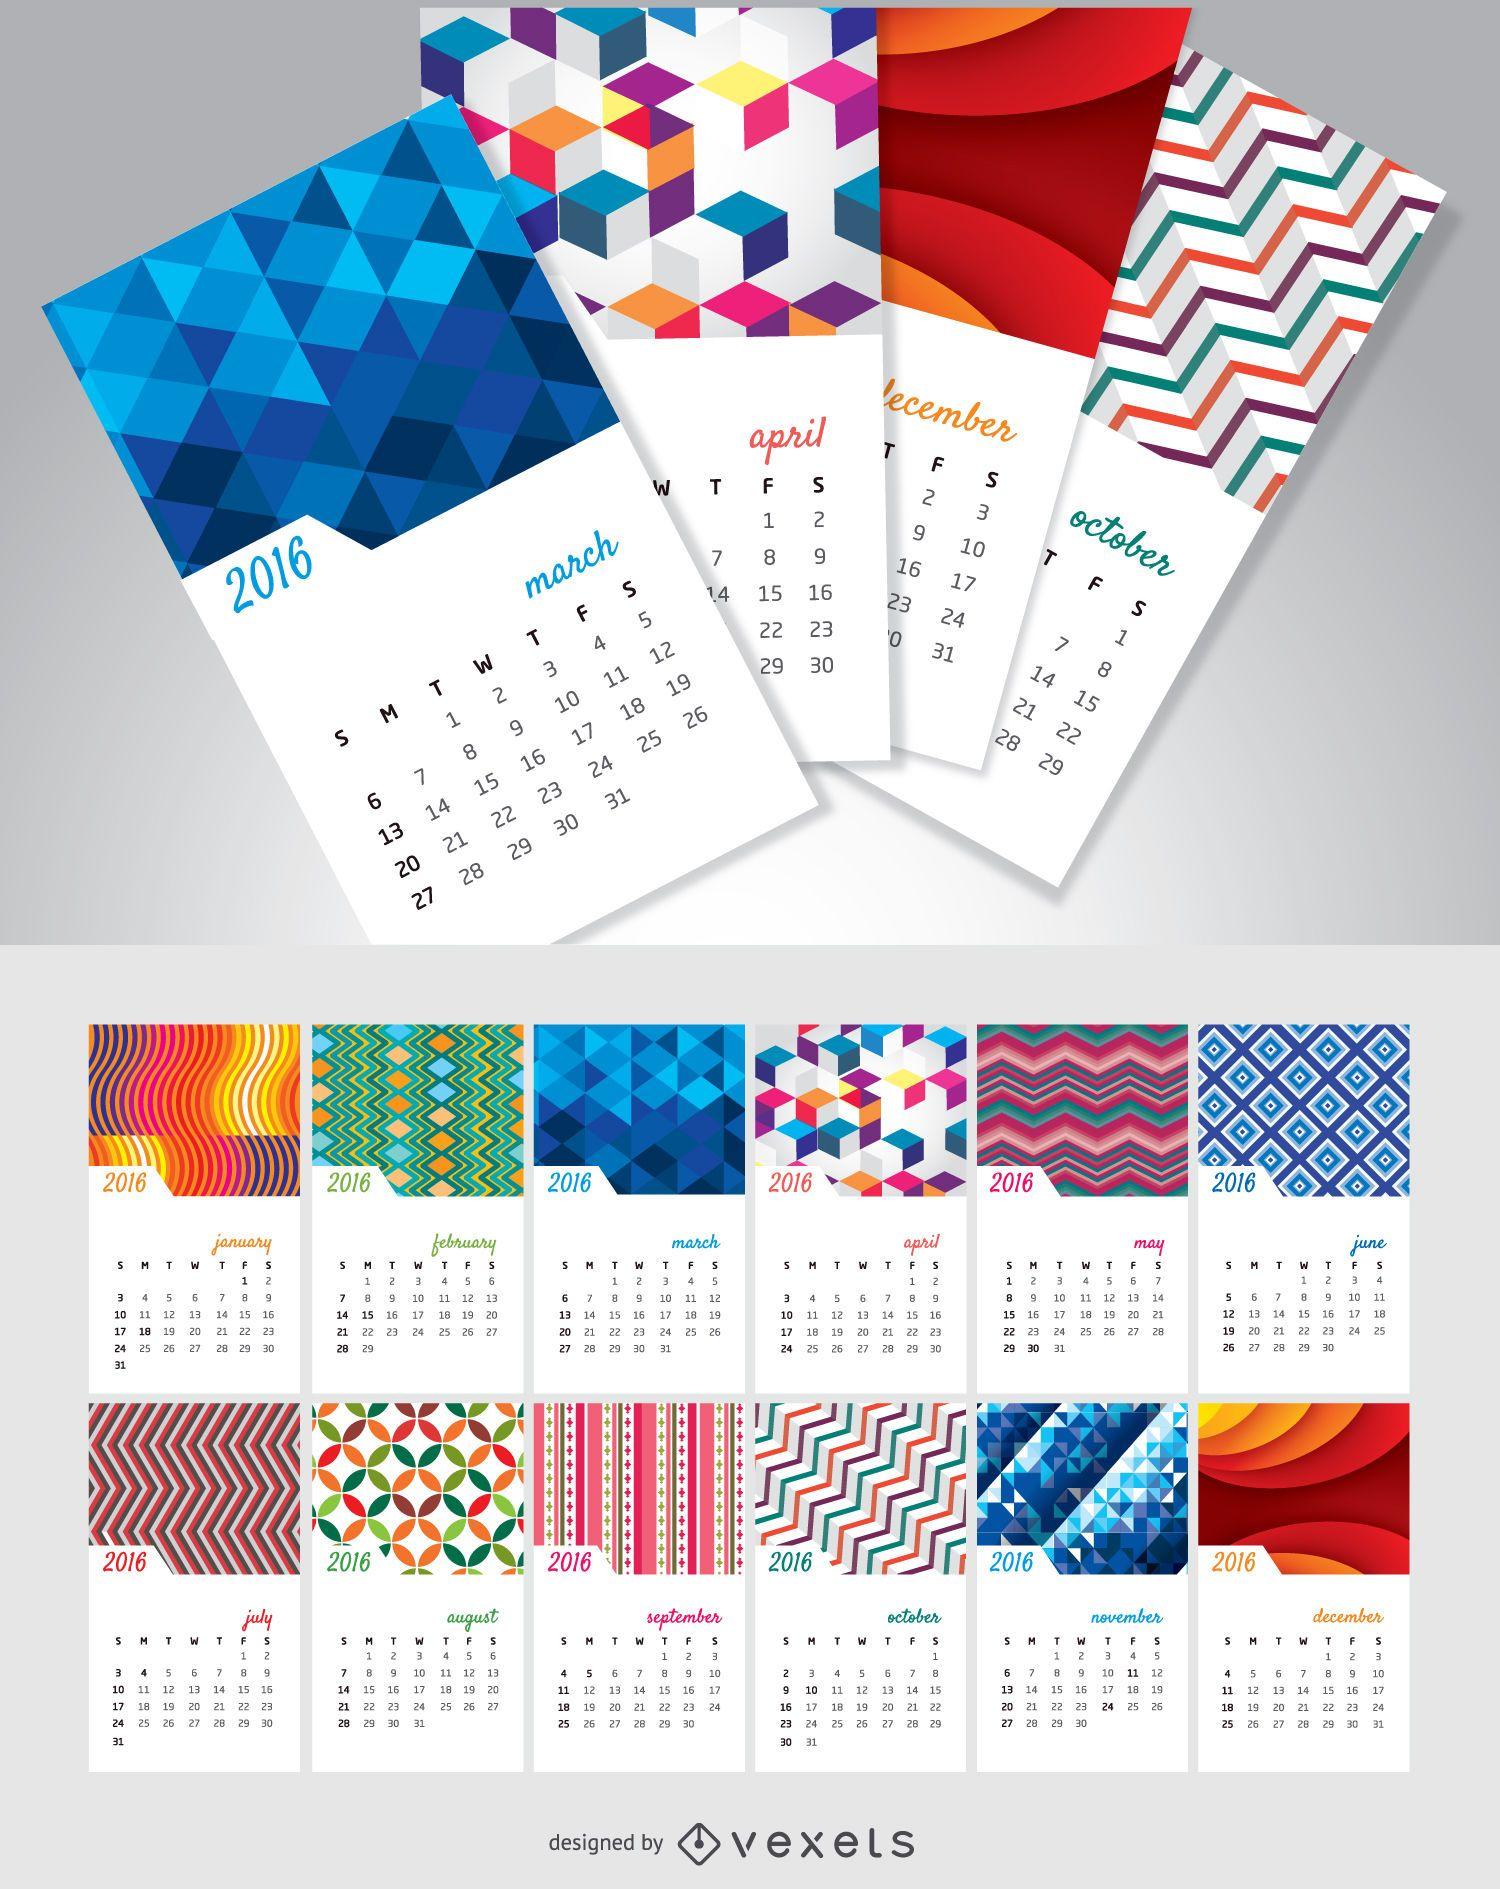 Calendario 2016 meses separados con fondos